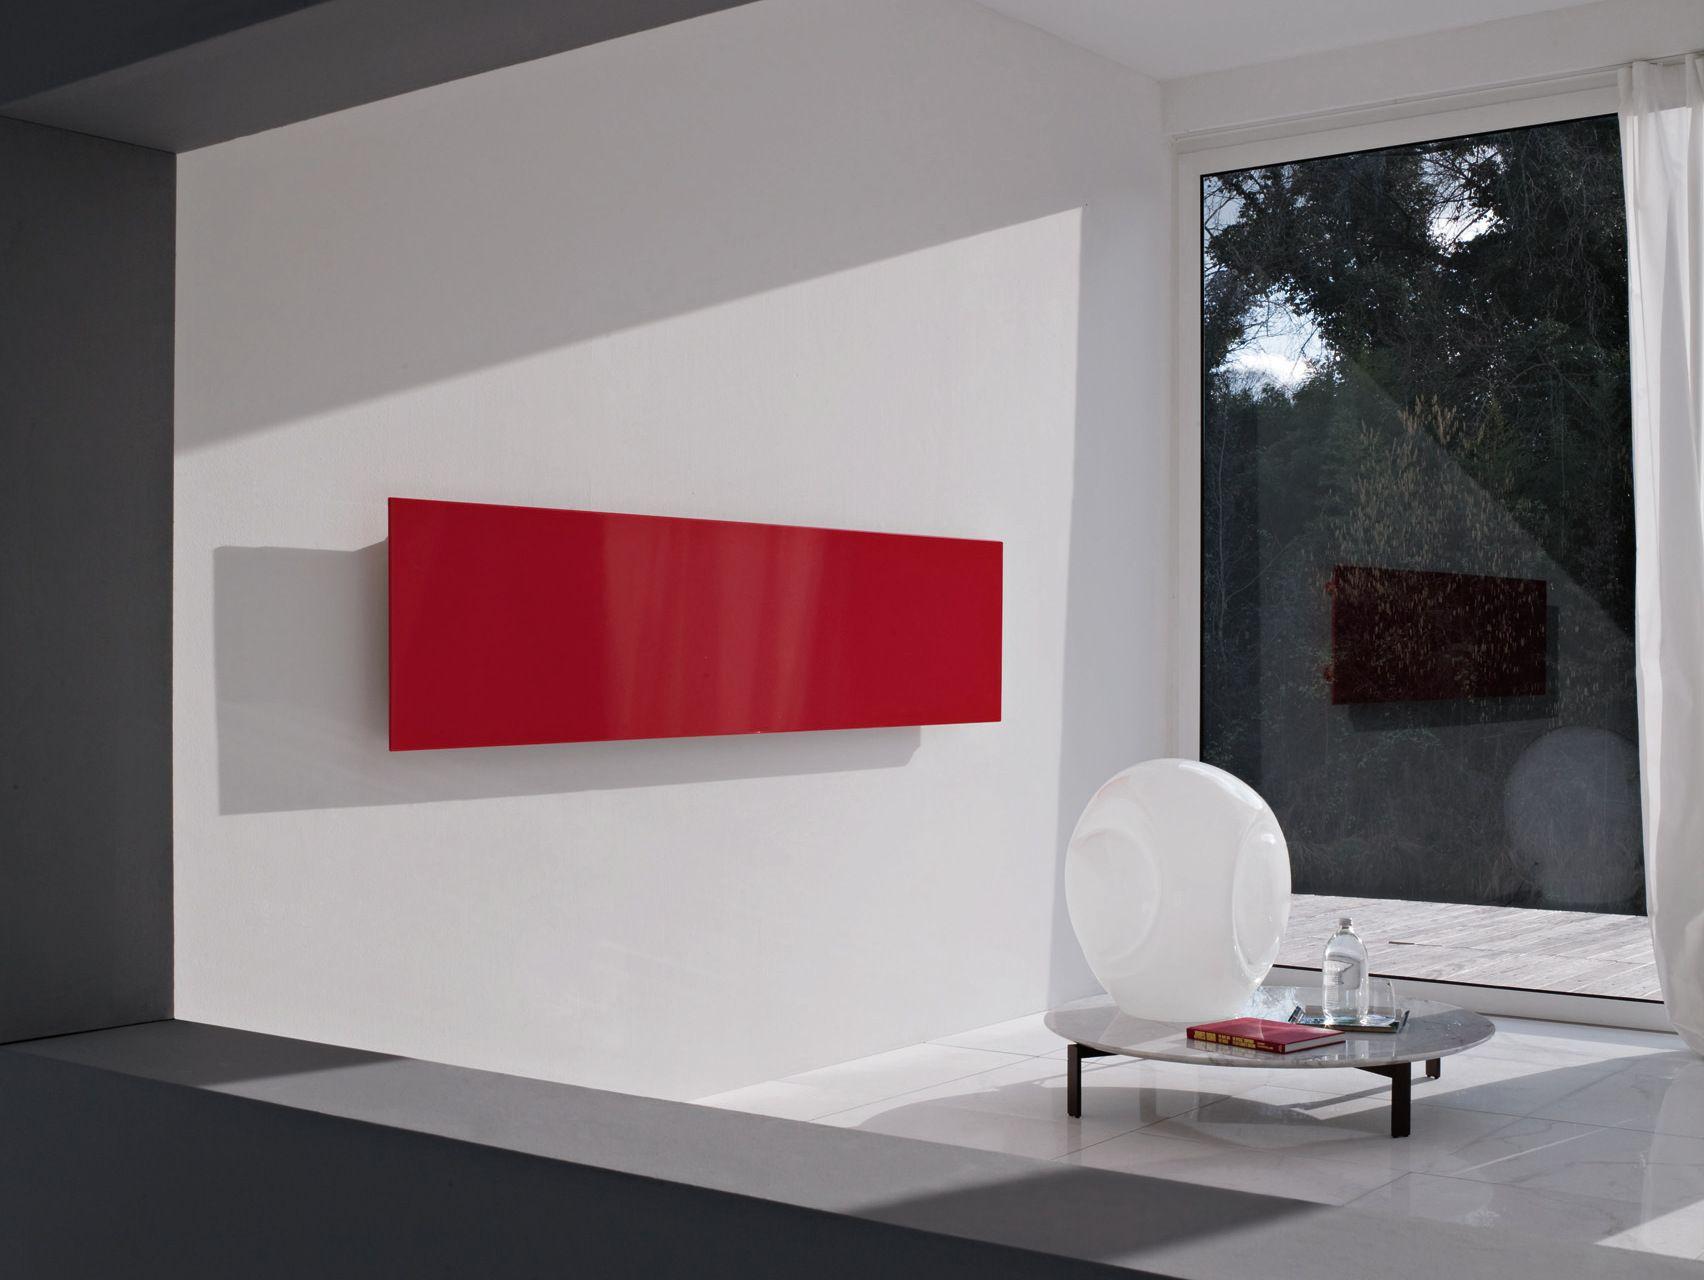 SQUARE Radiador decorativo horizontal by Tubes Radiatori diseño Ludovica+Roberto Palomba